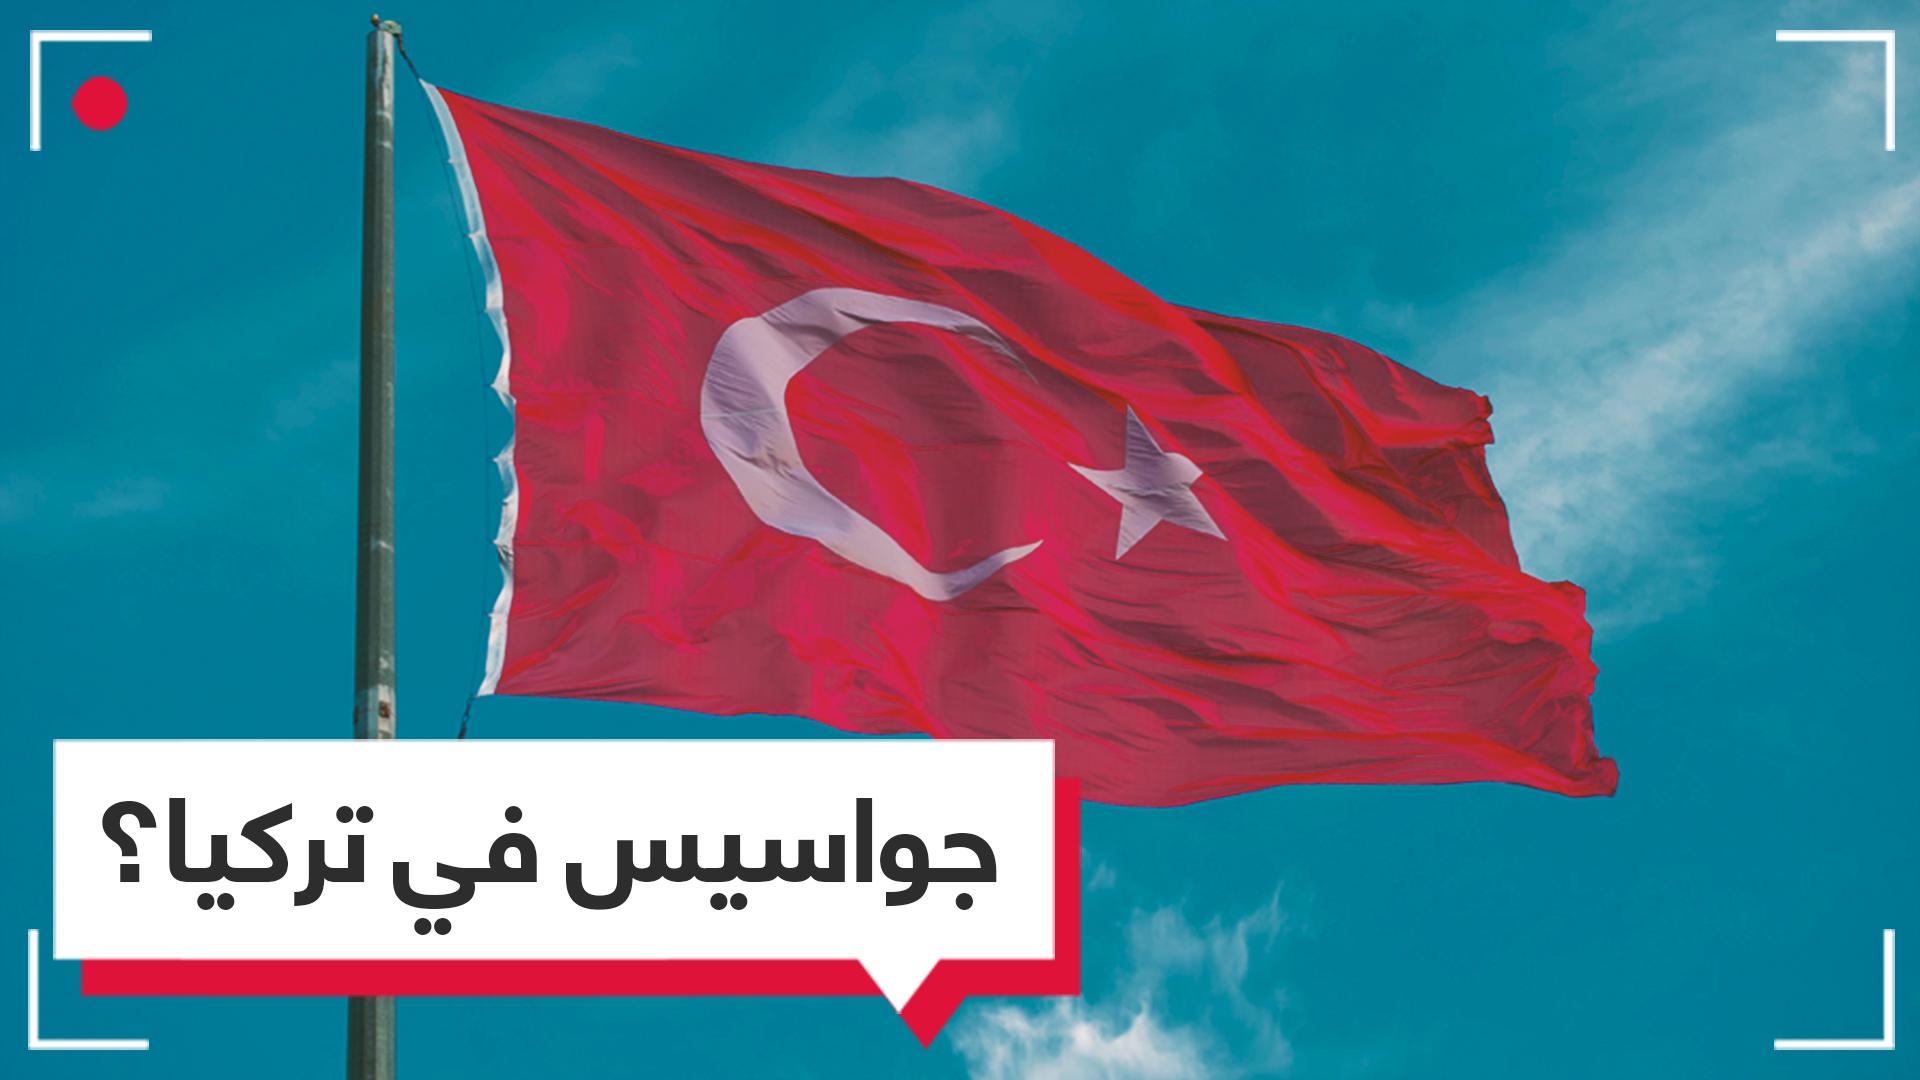 """إحالة """"جاسوسين يشتغلان لصالح المخابرات الإماراتية"""" على القضاء بعد اعتقالهما في إسطنبول"""